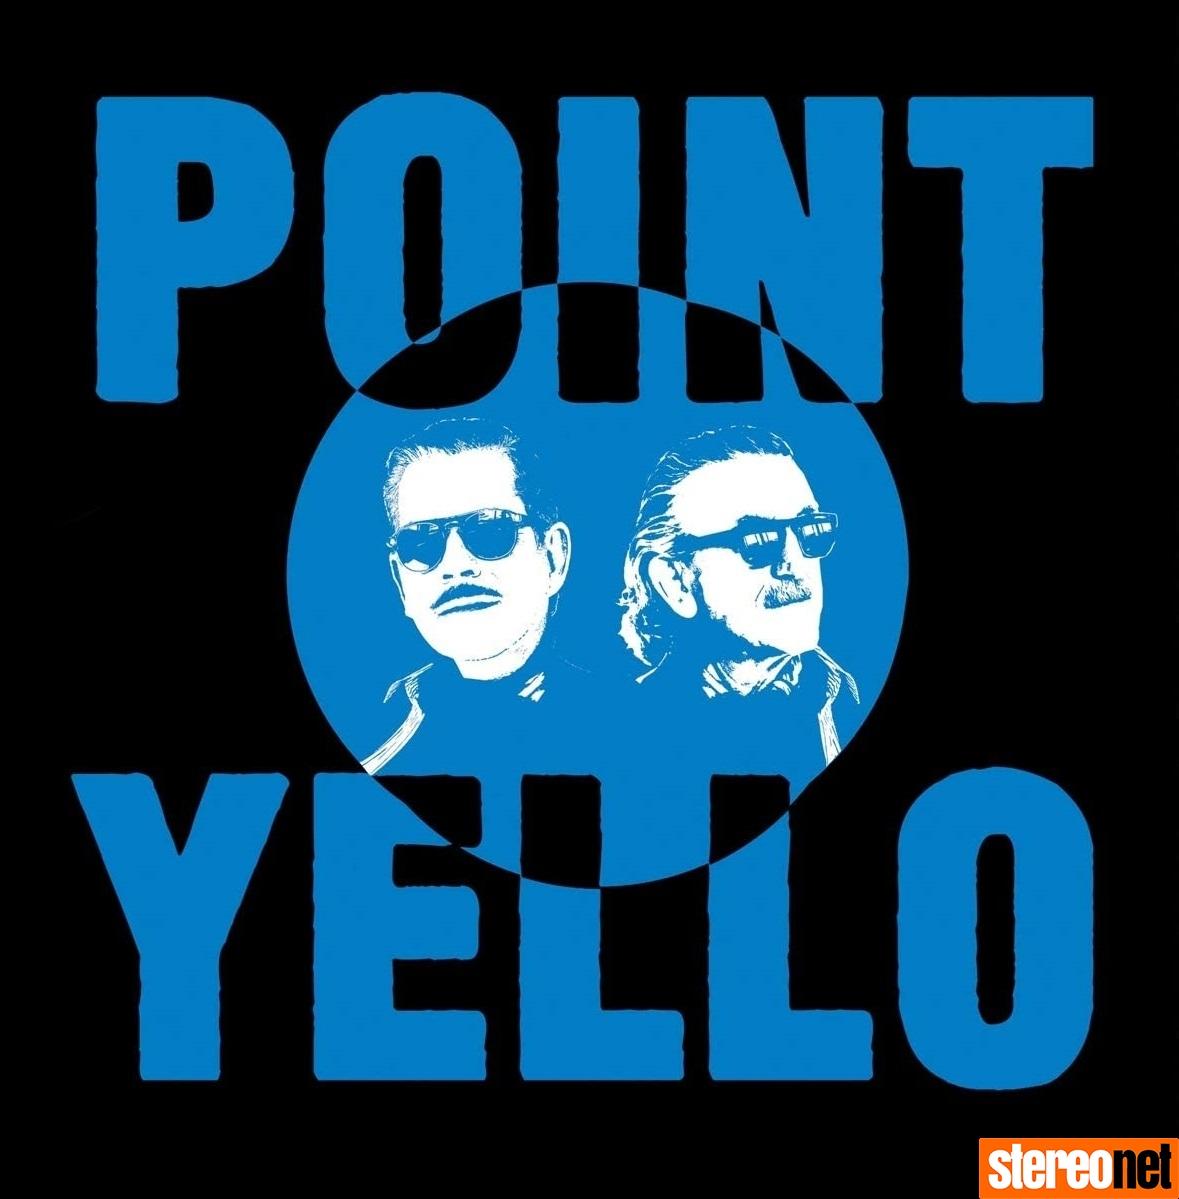 Yello Point, msm Studio Group, PMC Speakers